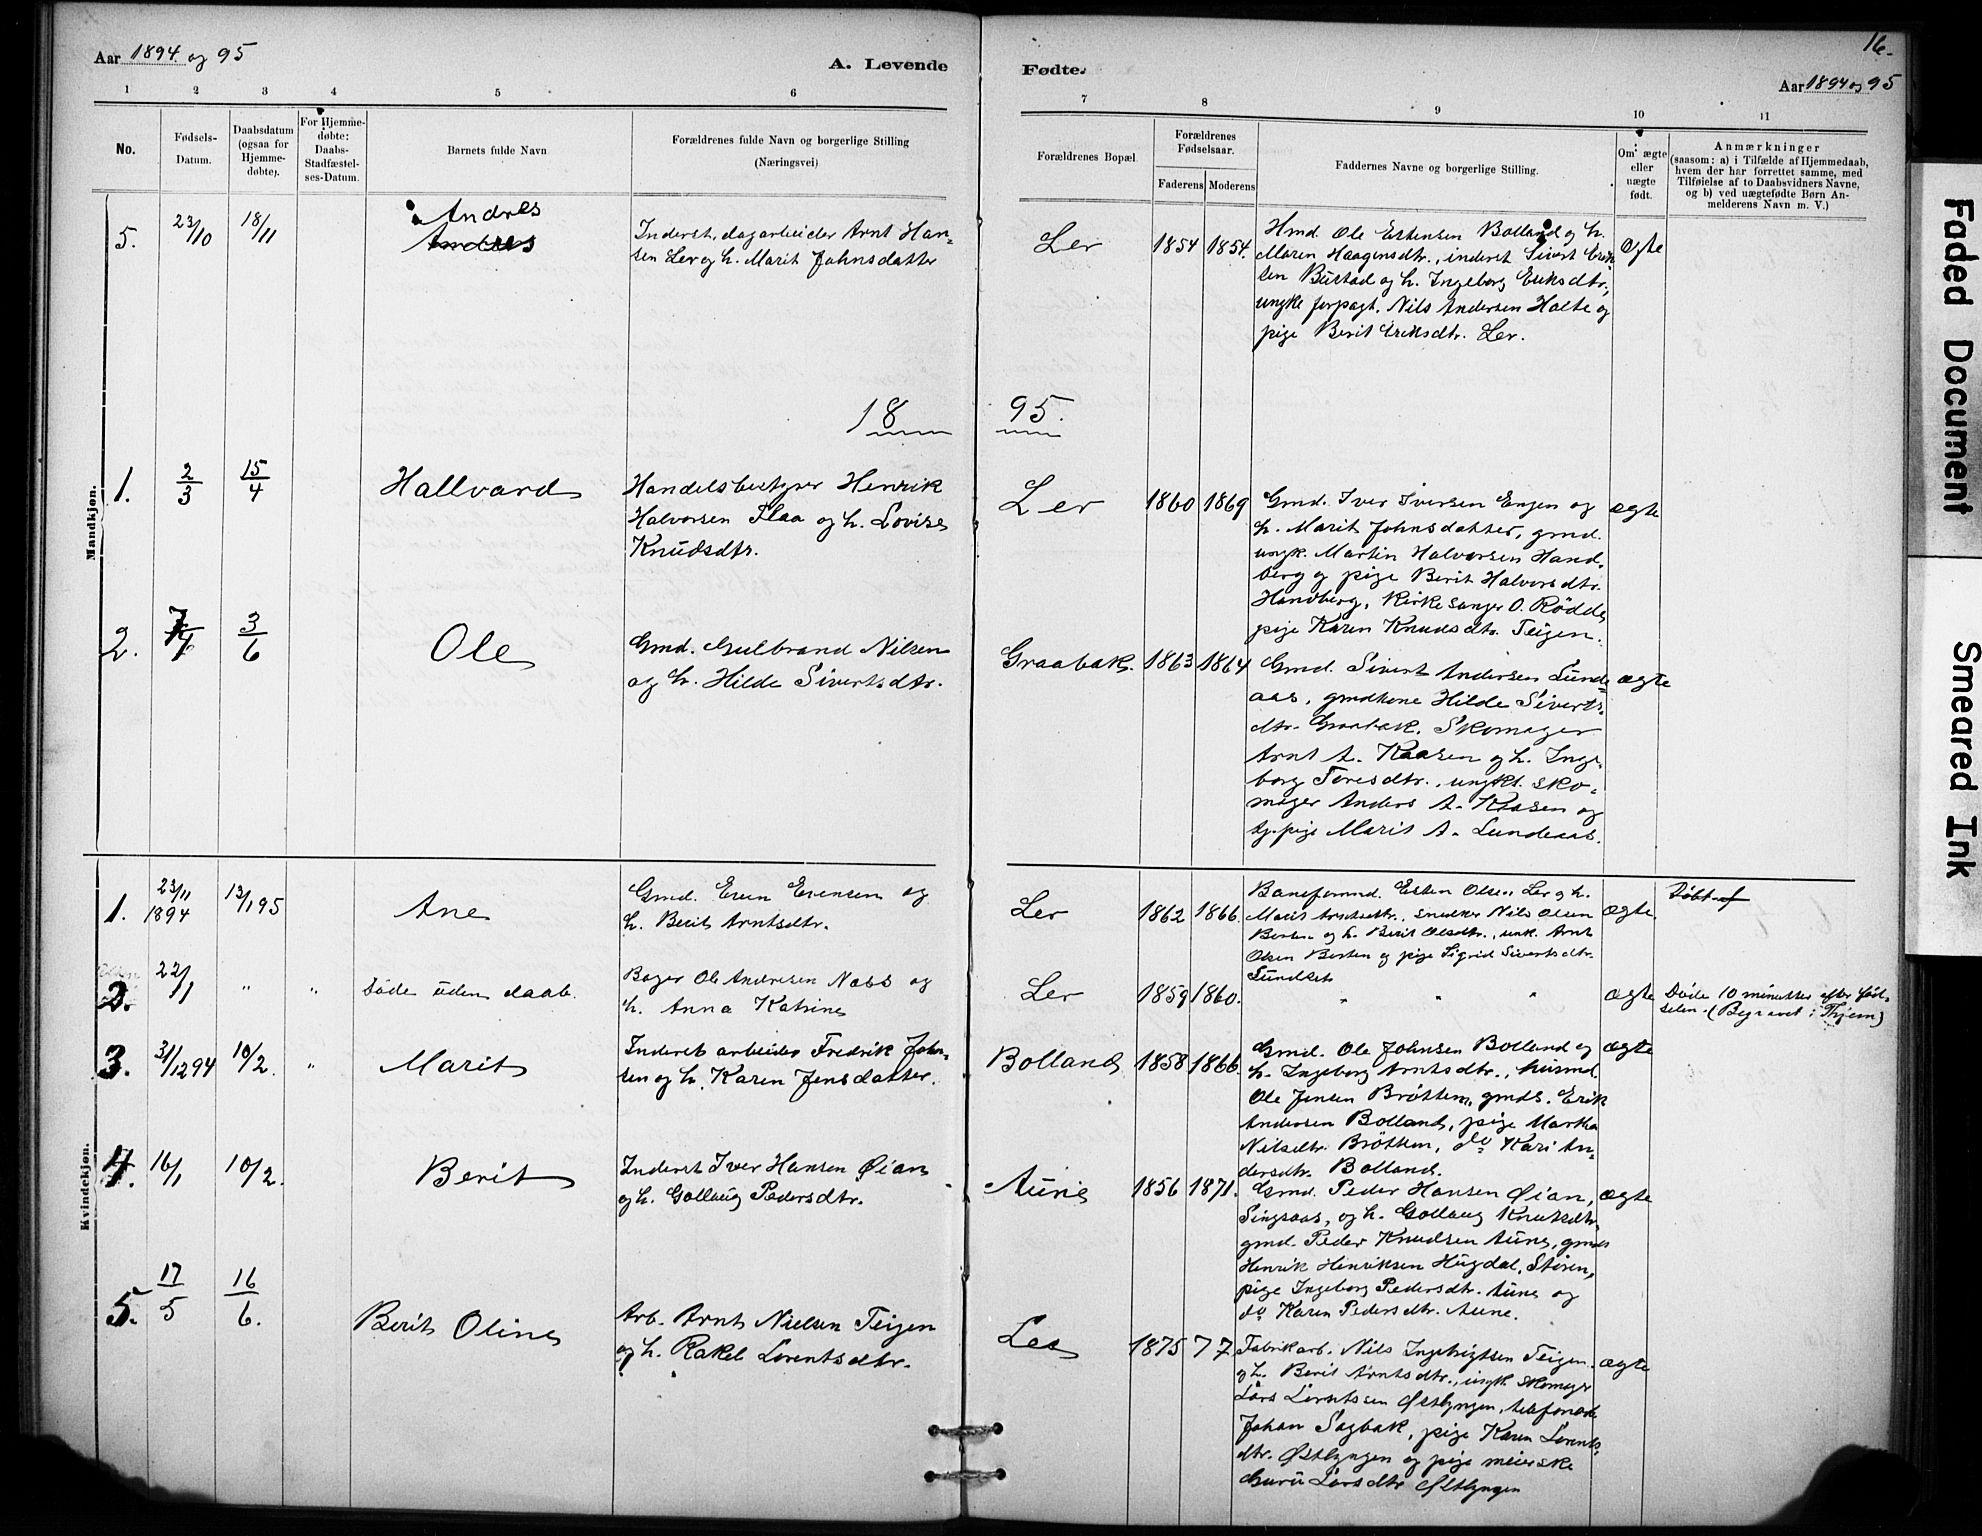 SAT, Ministerialprotokoller, klokkerbøker og fødselsregistre - Sør-Trøndelag, 693/L1119: Ministerialbok nr. 693A01, 1887-1905, s. 16